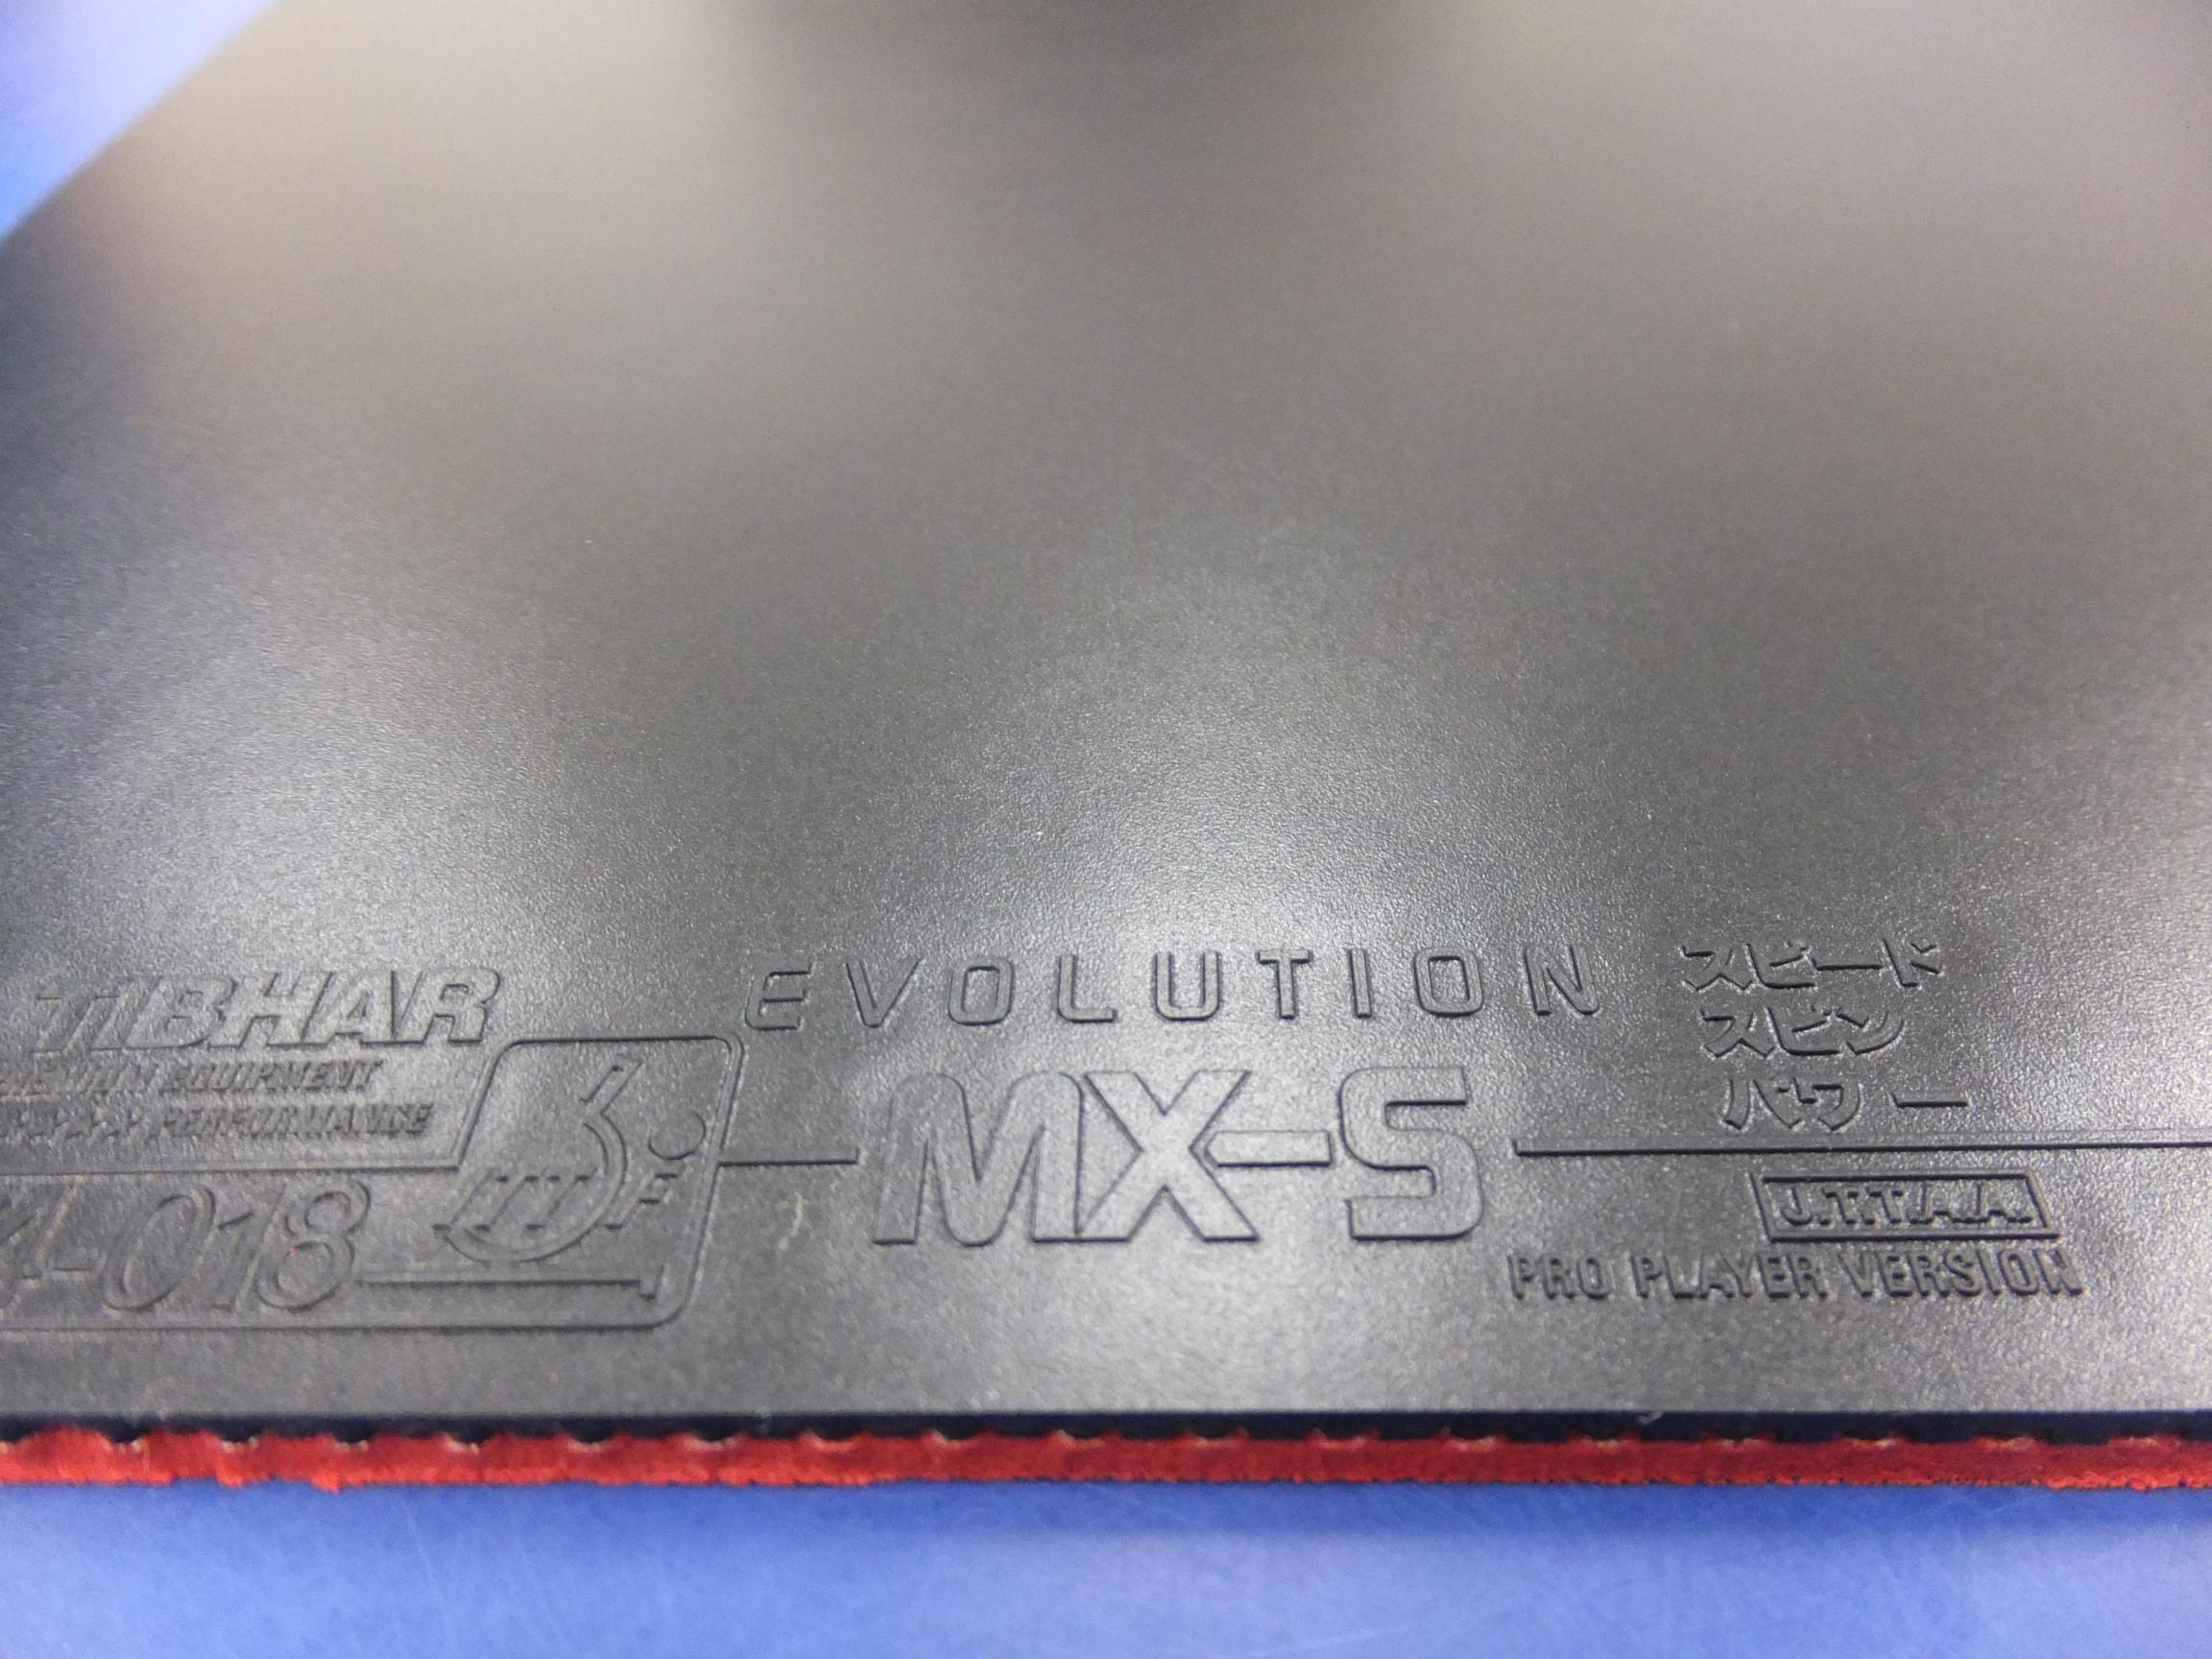 【ぐっちぃ】最新ドイツ製ラバー対決!エボリューションmx Sとファスタークp 1を簡単に比較してみました